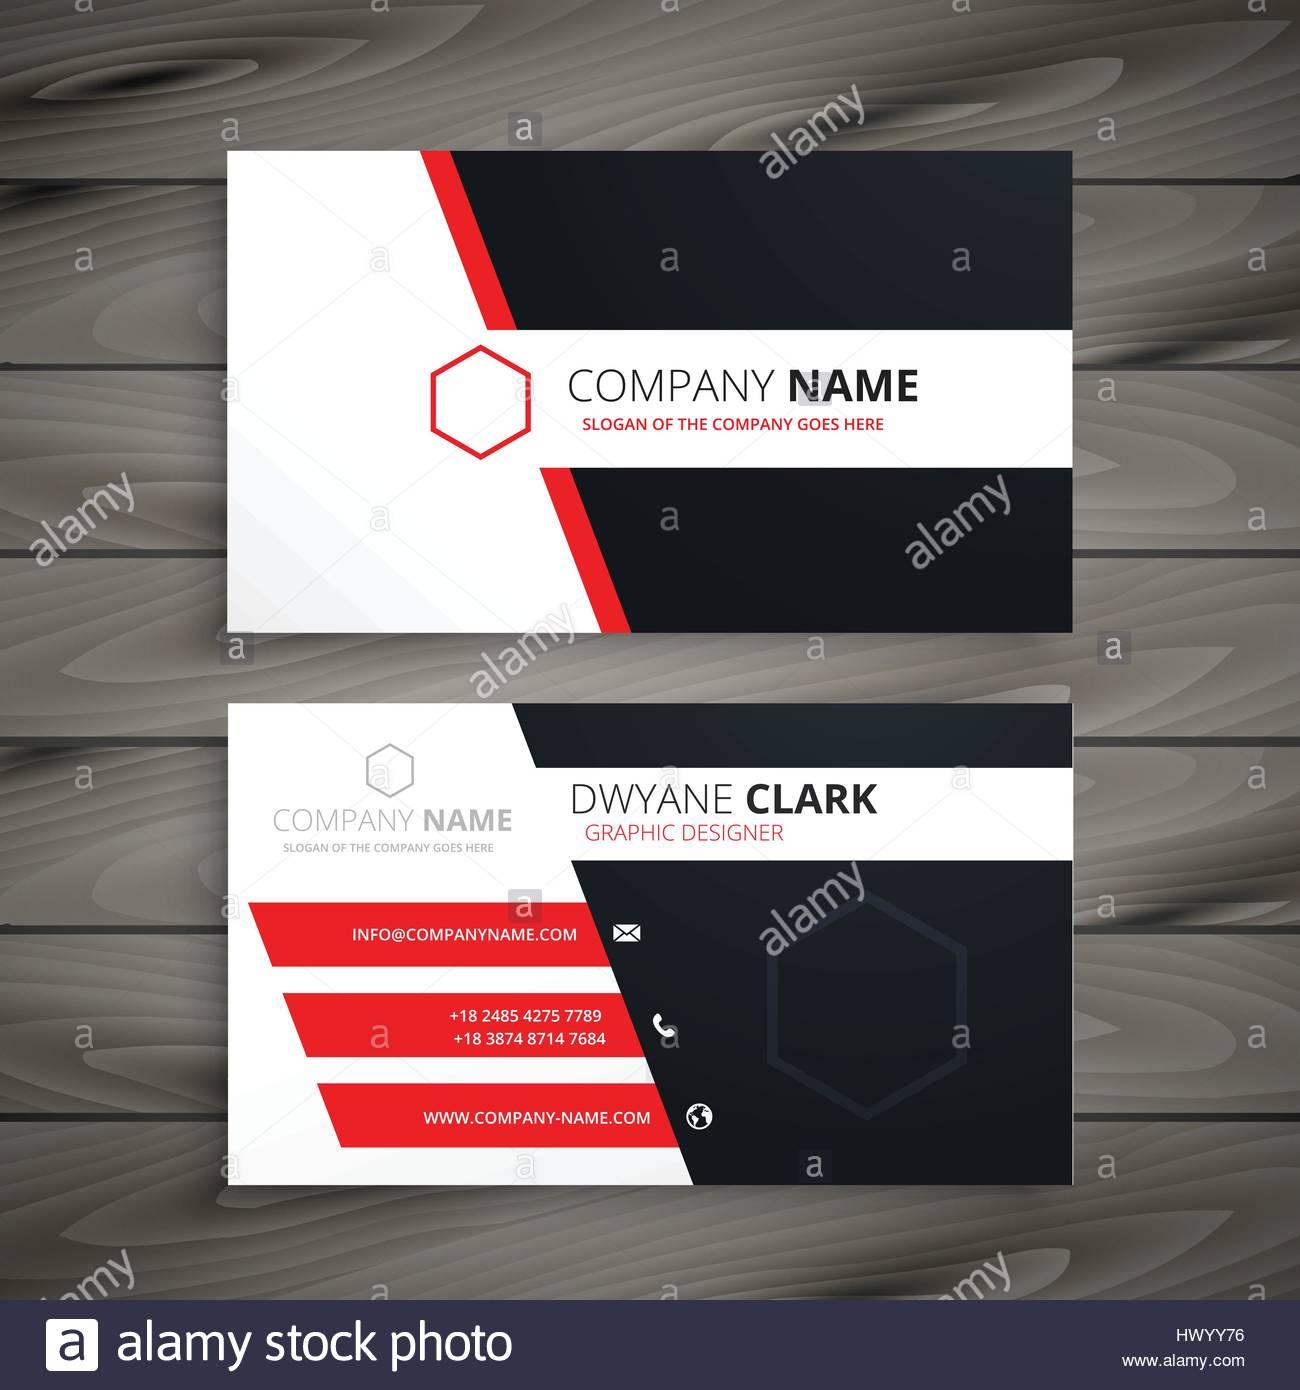 Modele De Carte De Visite Creative Design Vector Illustration